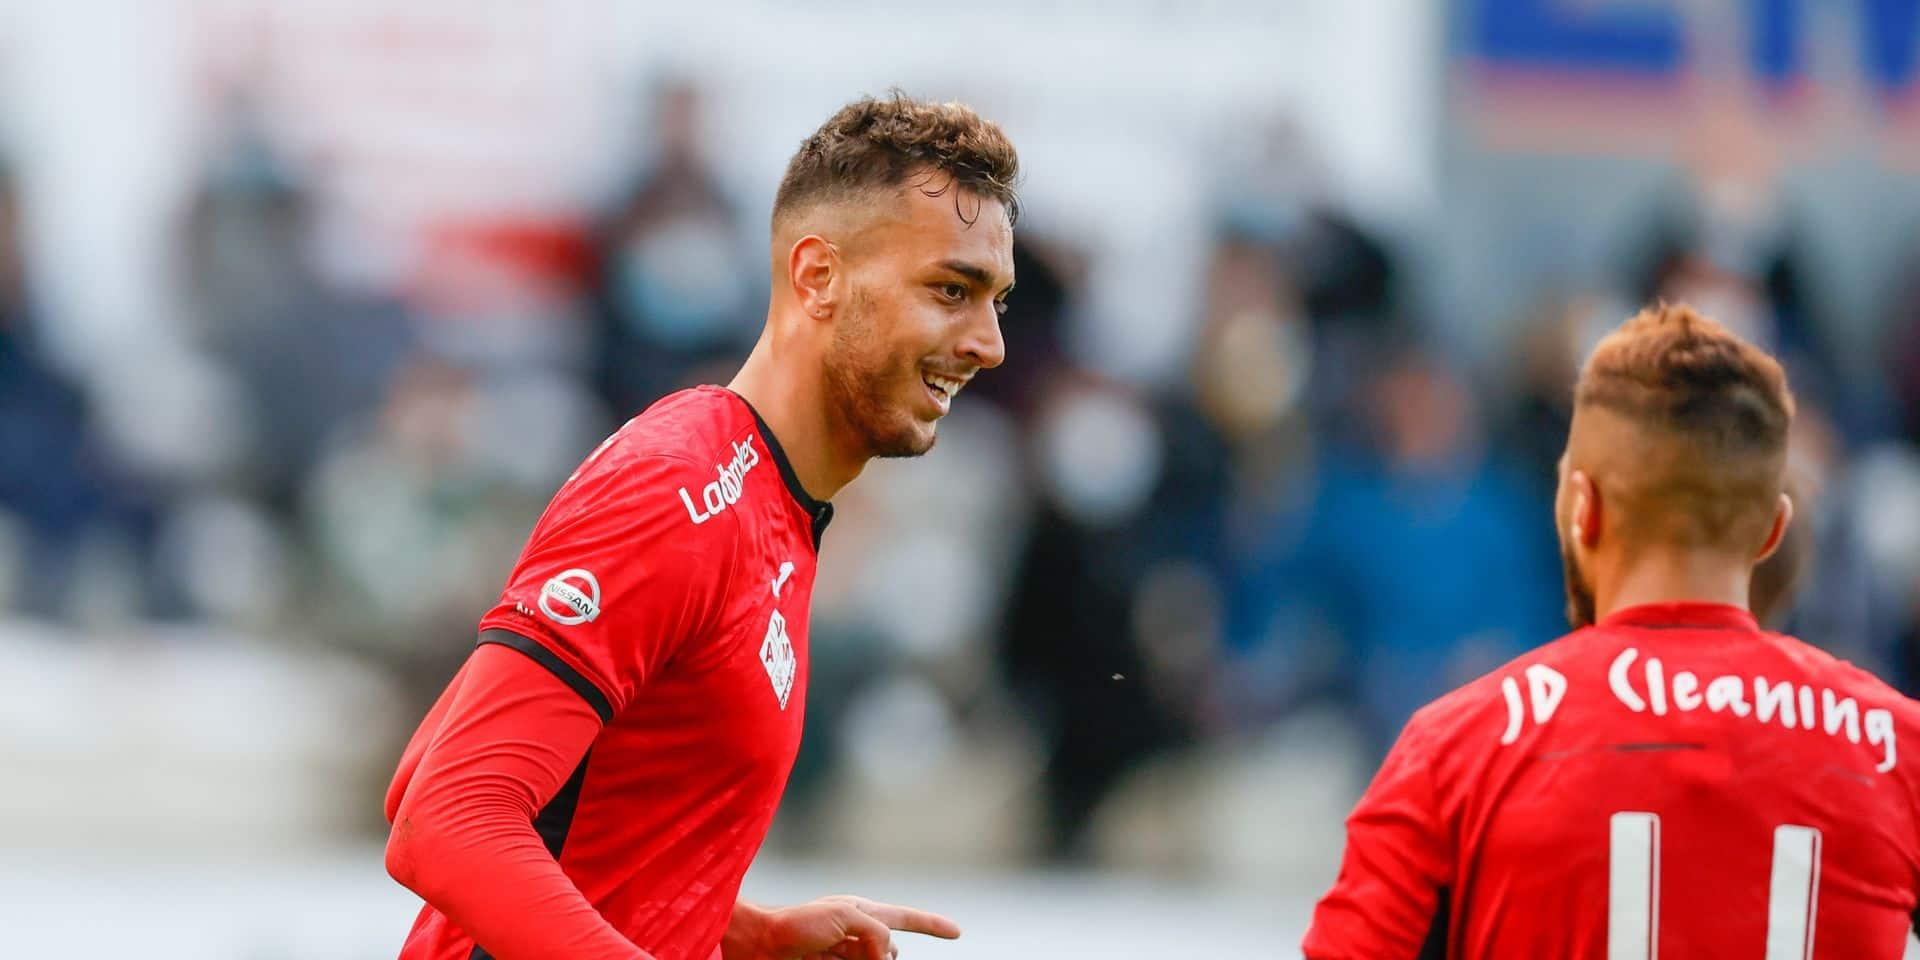 Coupe de Belgique: Leonardo Rocha se met déjà en évidence avec le RWDM